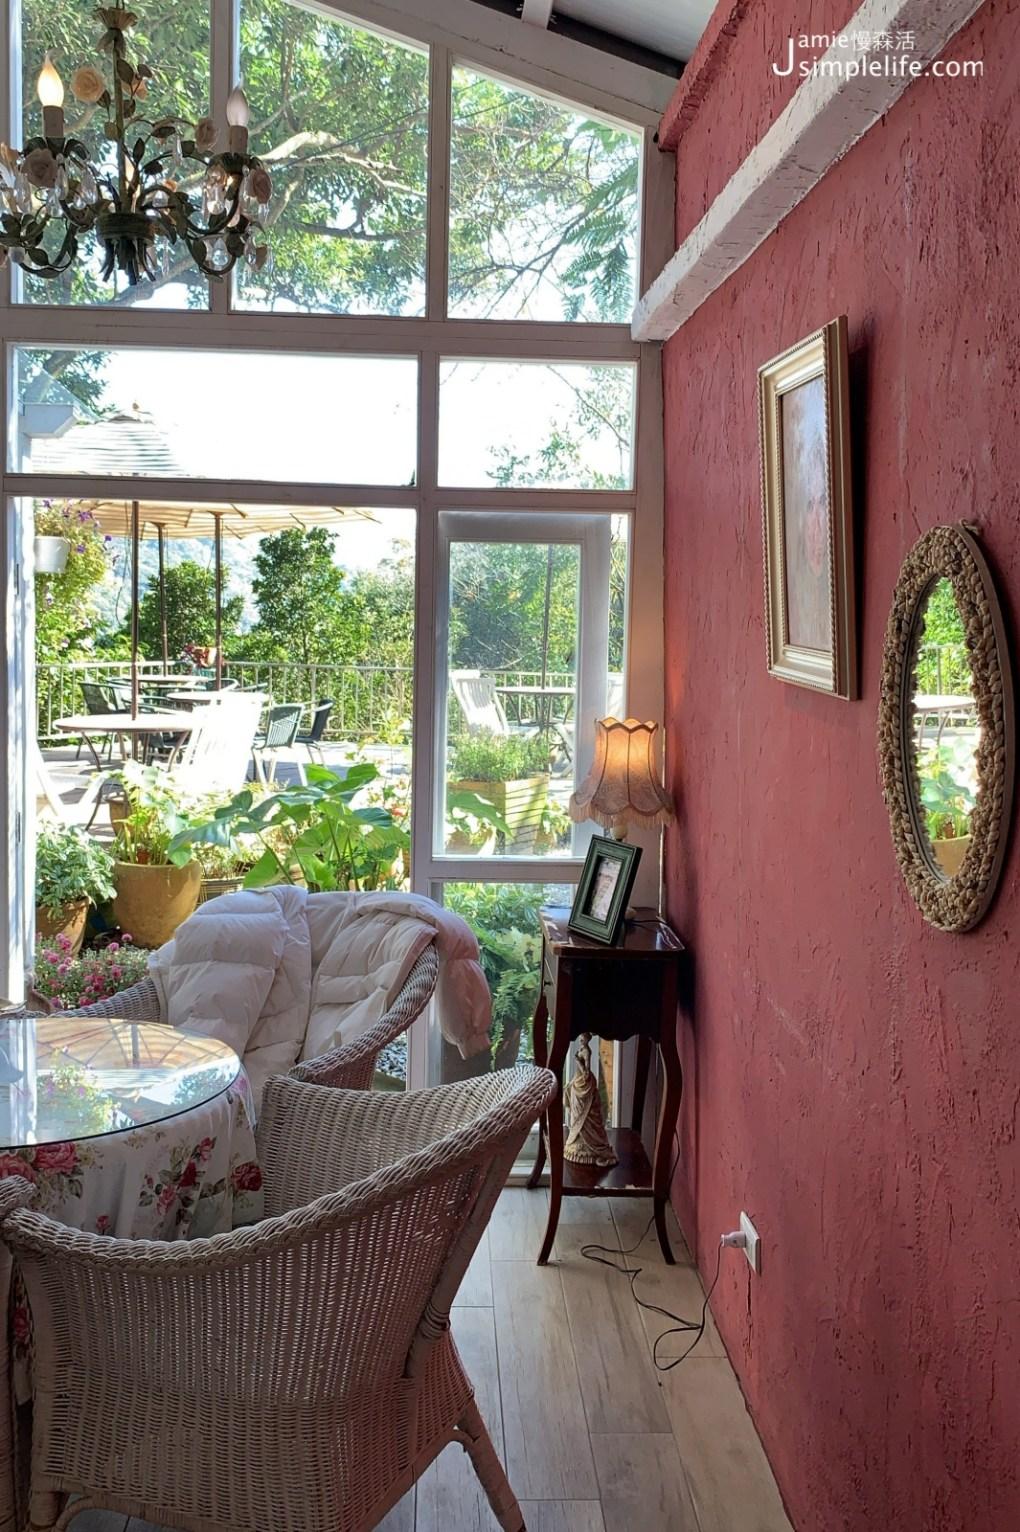 陽明山蒙馬特影像咖啡 裝飾偏甜的用餐環境與氛圍 室內空間